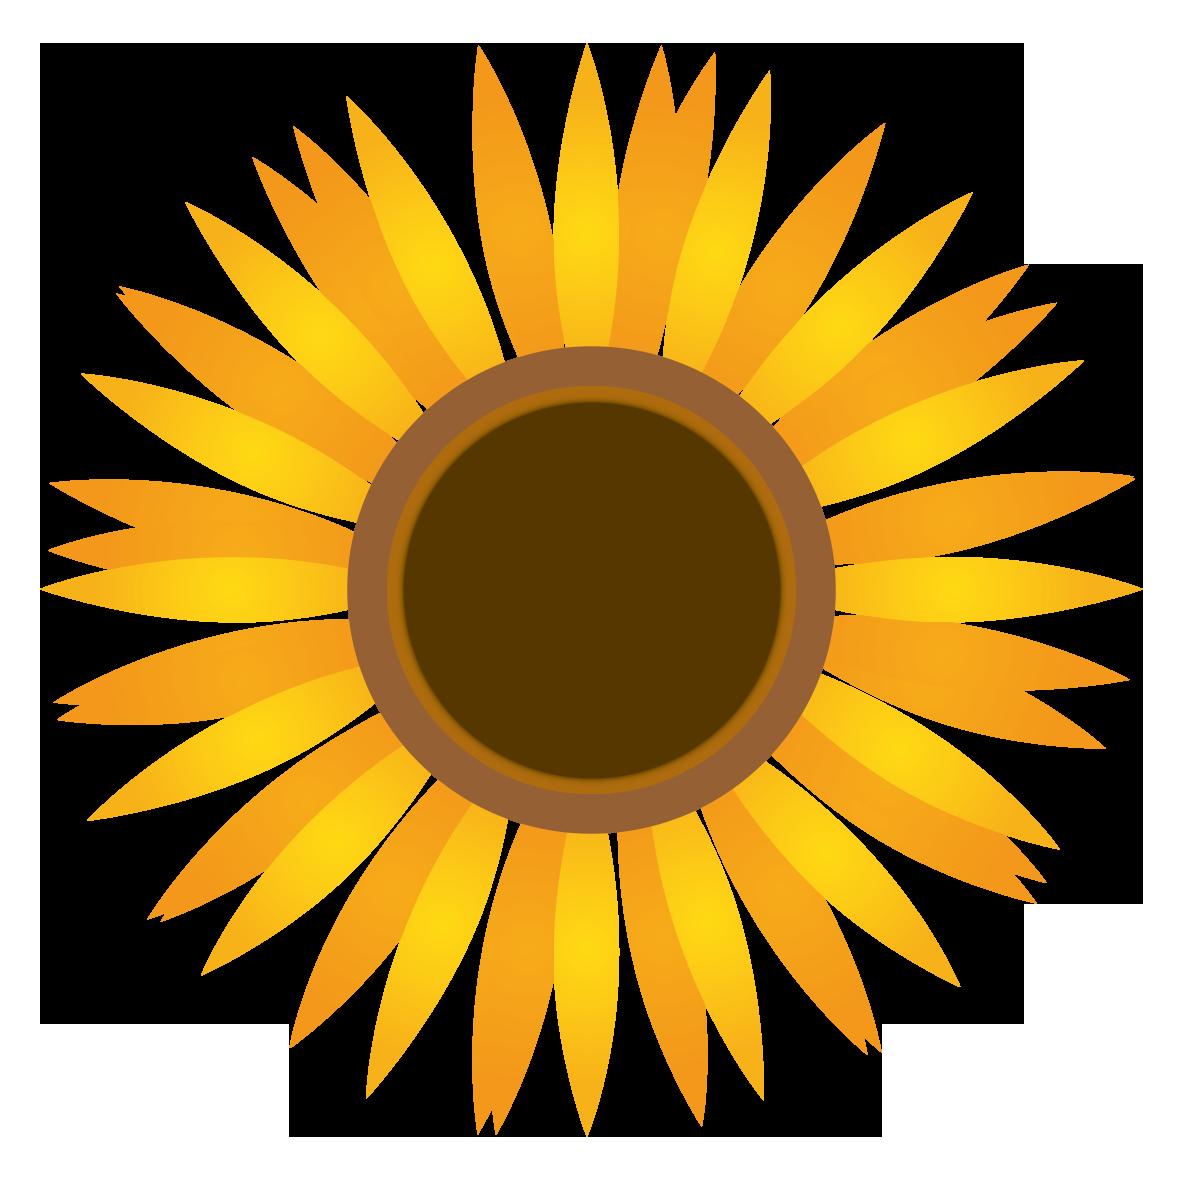 u300c u3072 u307e u308f u308a u306e u82b1 u300d  u7121 u6599 u30a4 u30e9 u30b9 u30c8 u611b free sunflower clip art free sunflower clip art images